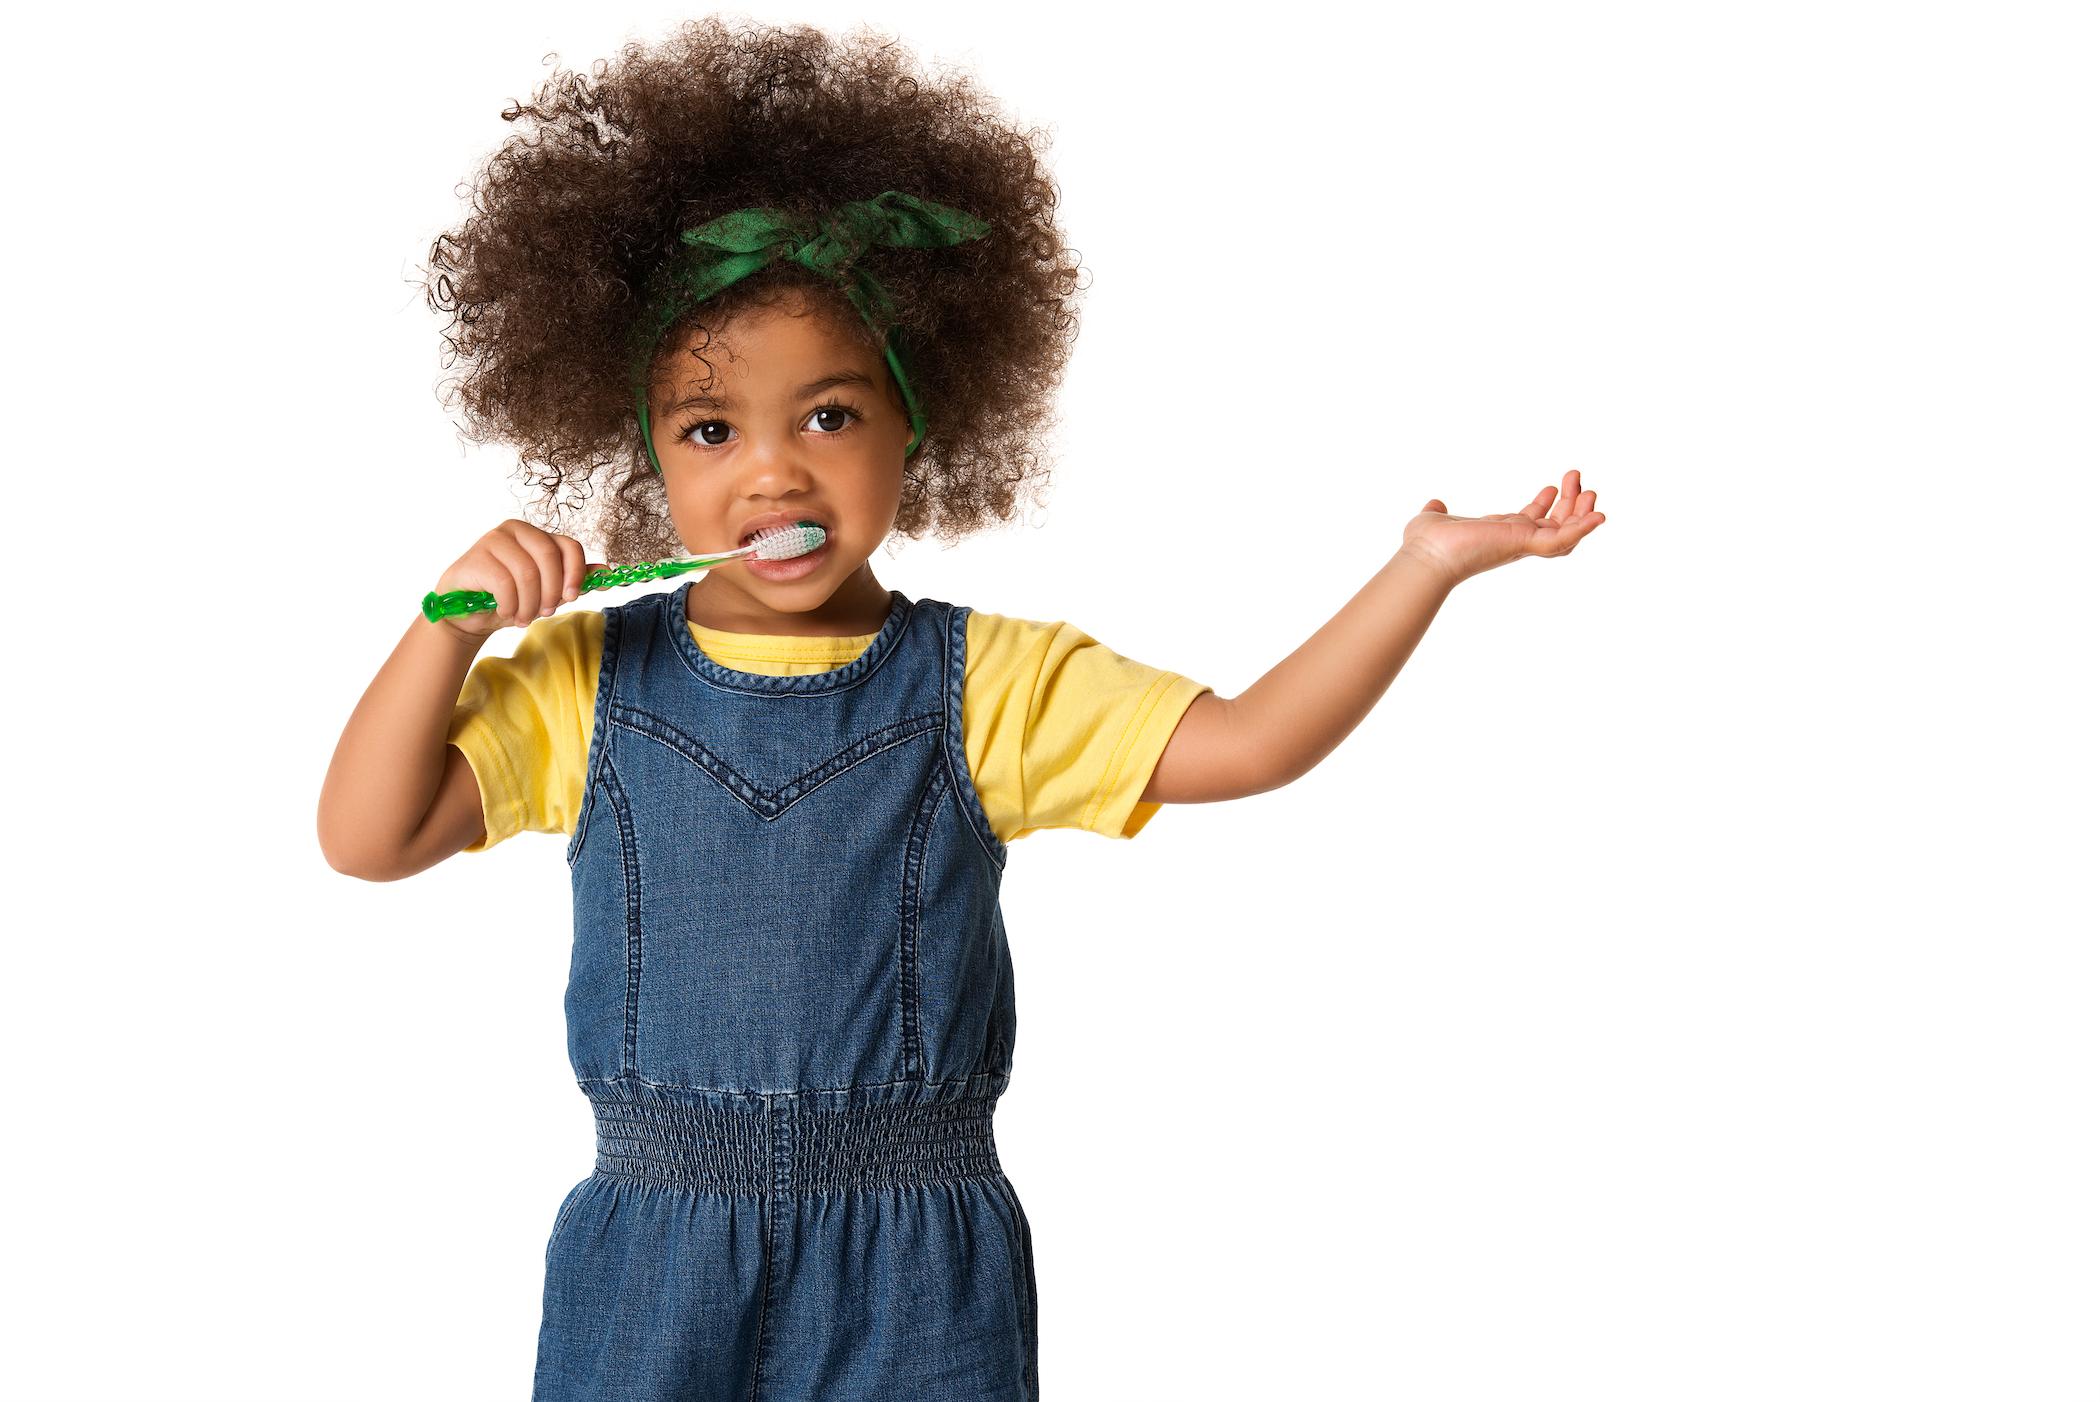 cute child brushing